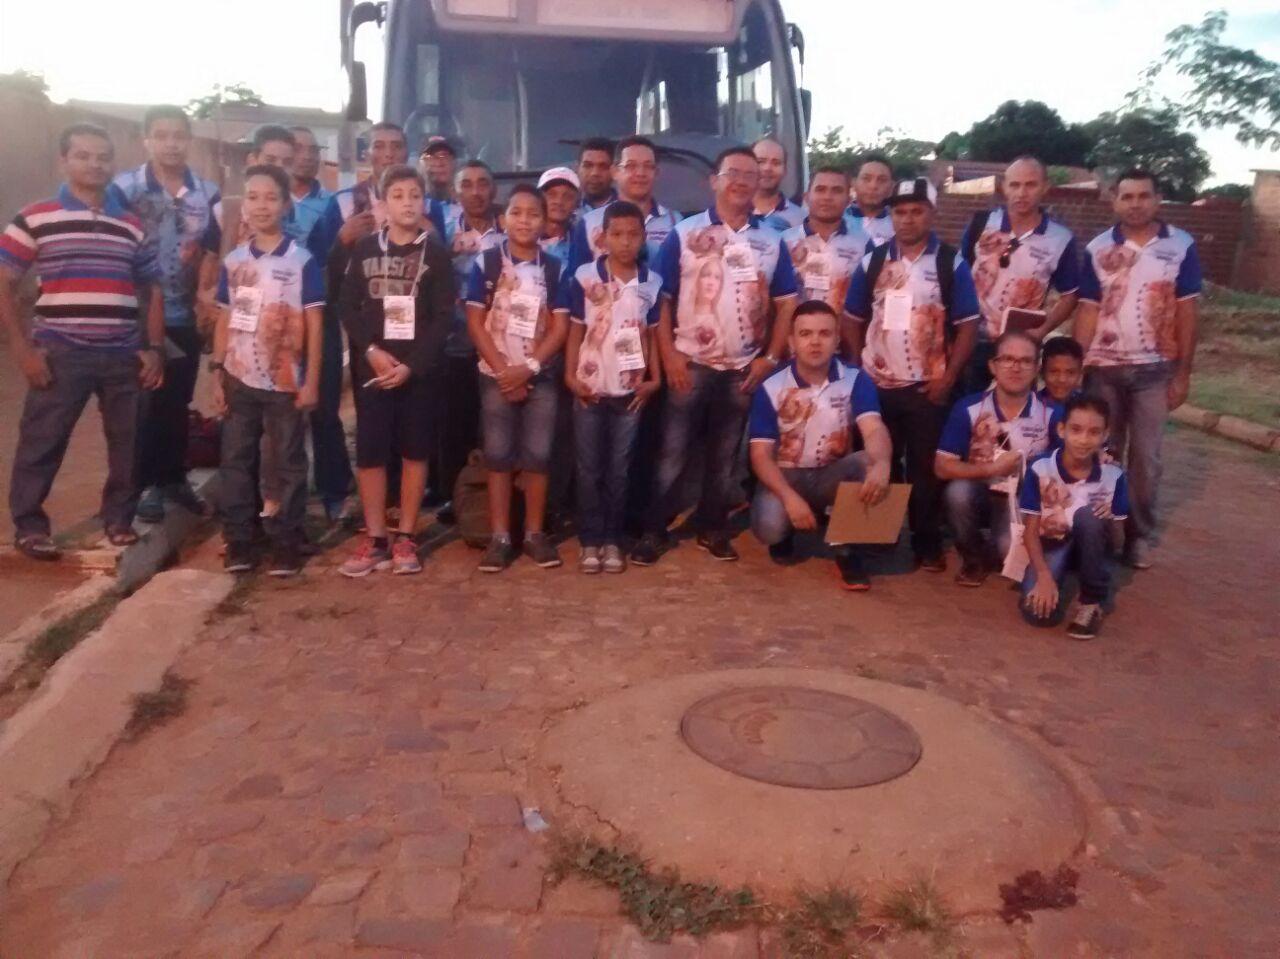 Romeiros de Tanque do Piauí